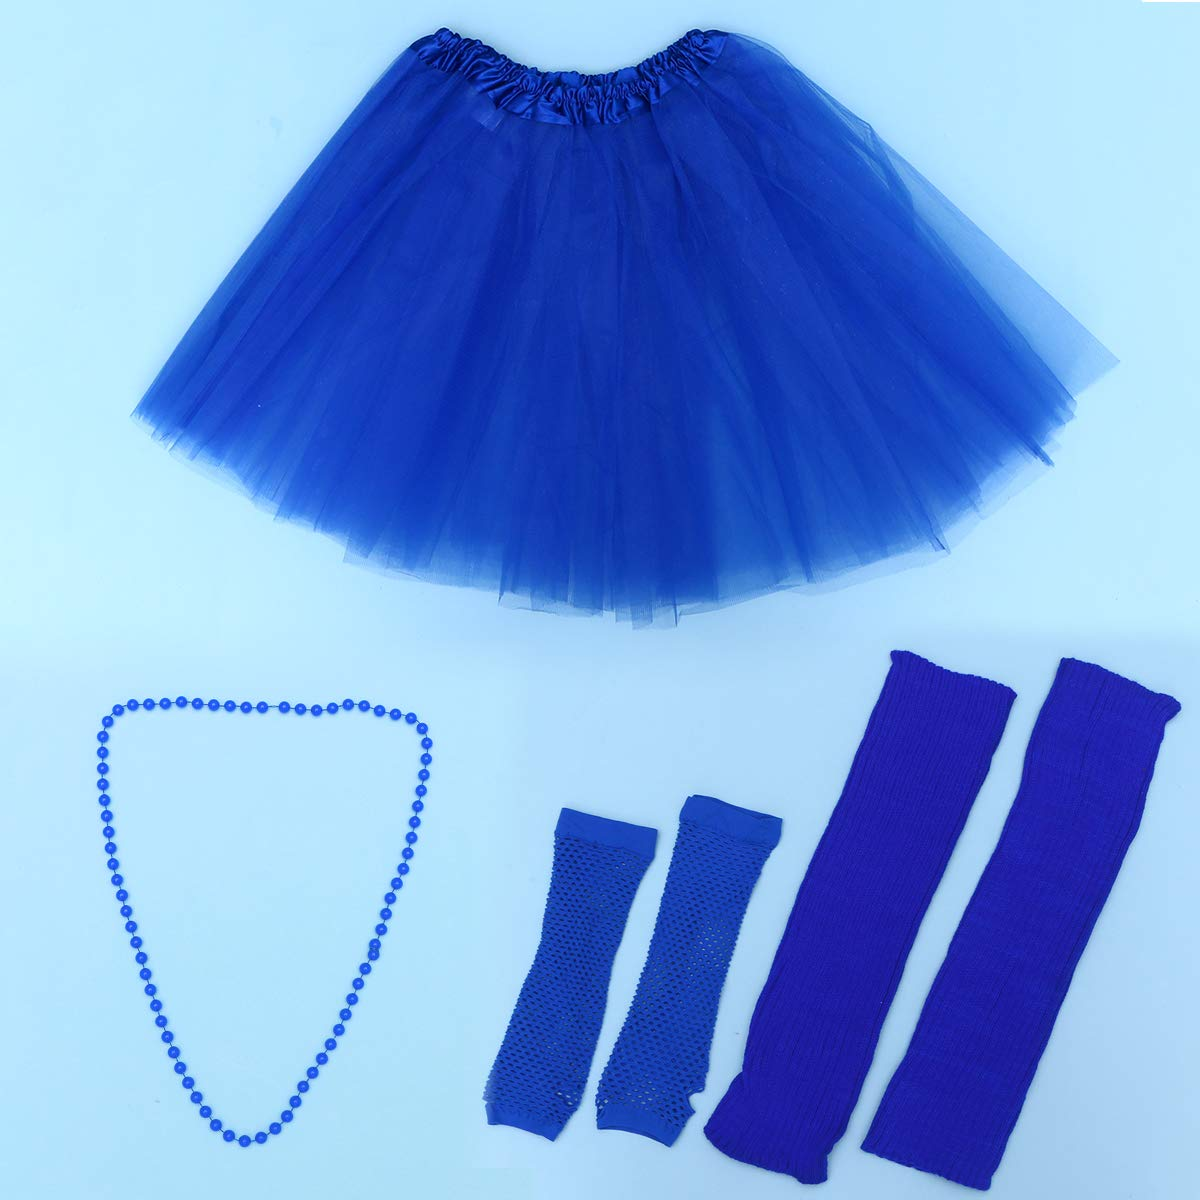 Toyvian Disfraz de Tul de los a/ños 80 Conjuntos de Faldas para Mujeres 80s Falda de tut/ú sin Dedos Mallas de Guantes Collares Mangas de Pierna para Accesorios de Fiesta de los a/ños 80 Azul